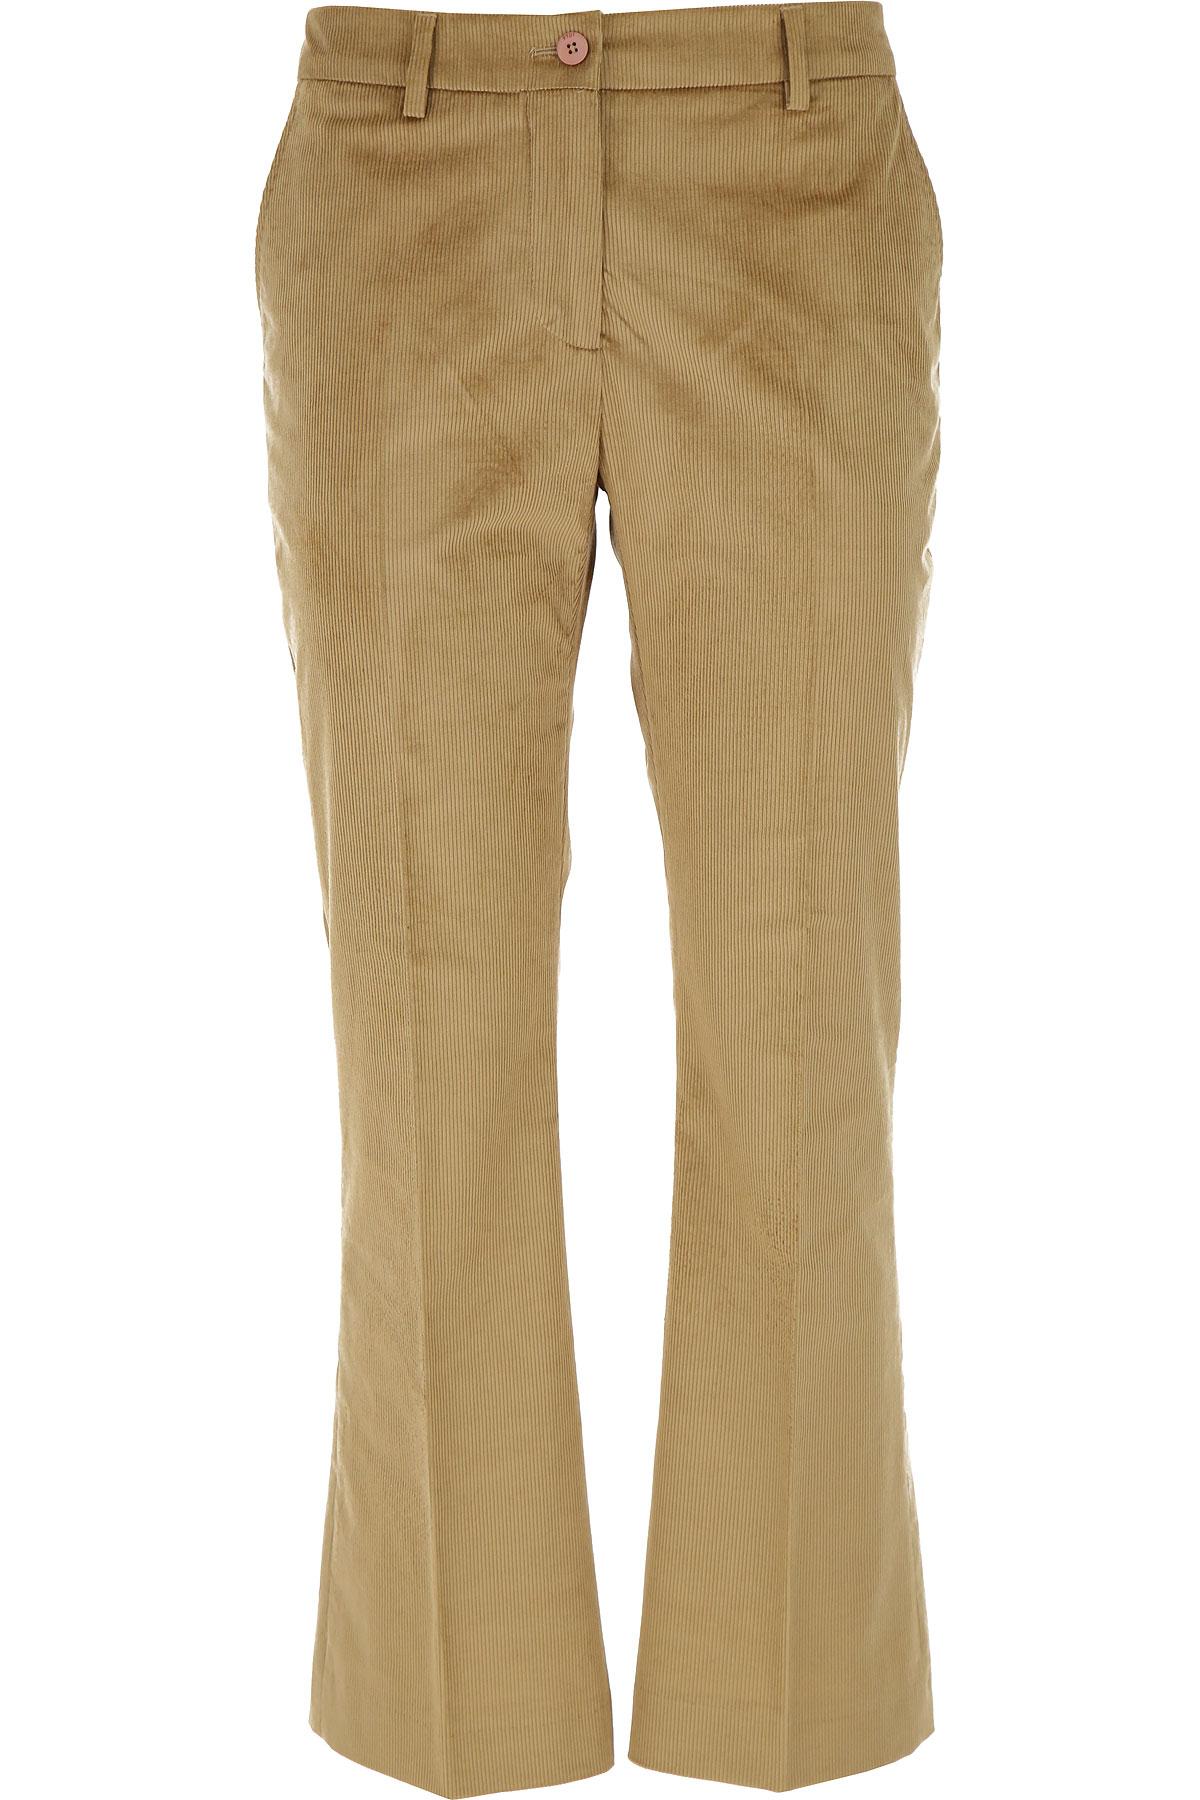 PT01 Pants for Women On Sale, Camel, Cotton, 2019, 26 28 30